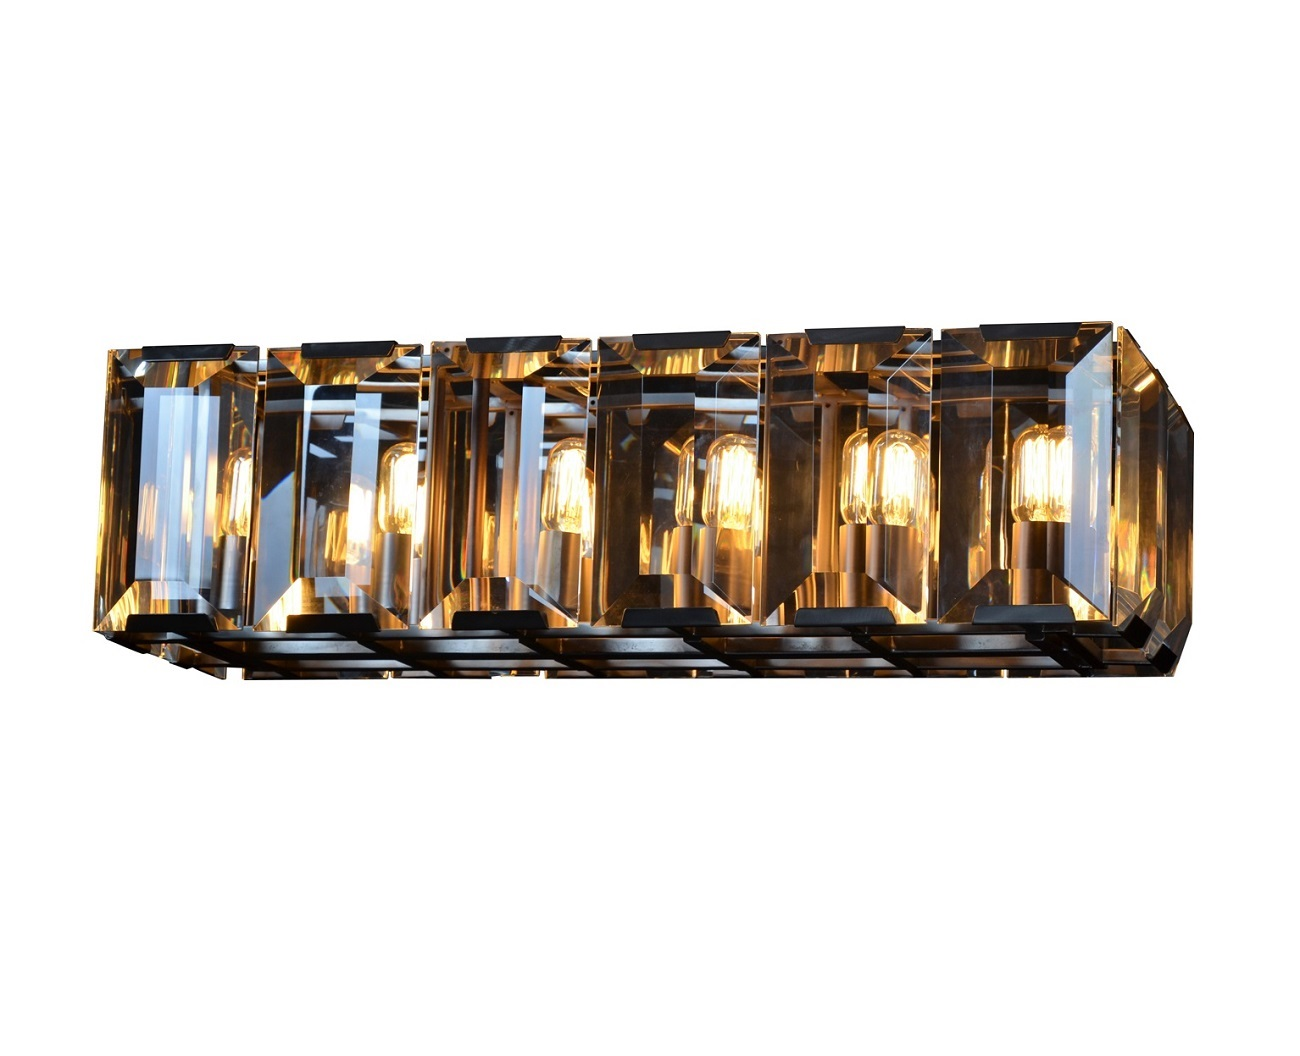 Подвесной светильник HarlowПодвесные светильники<br>Люстра Harlow удачно подчеркнет классический и современный интерьер, создаст атмосферу праздничности, и даже привнесет в помещение немного помпезности. Она прекрасно подойдет и для общественных, и для частных интерьеров. Такая люстра, несомненно, укажет на изысканный и утонченный вкус её обладателя.&amp;lt;div&amp;gt;&amp;lt;br&amp;gt;&amp;lt;/div&amp;gt;&amp;lt;div&amp;gt;&amp;lt;div&amp;gt;Вид цоколя: E14&amp;lt;/div&amp;gt;&amp;lt;div&amp;gt;Мощность: &amp;amp;nbsp;25W&amp;amp;nbsp;&amp;lt;/div&amp;gt;&amp;lt;div&amp;gt;Количество ламп: 12 (в комплект не входит)&amp;lt;/div&amp;gt;&amp;lt;div&amp;gt;&amp;lt;br&amp;gt;&amp;lt;/div&amp;gt;&amp;lt;/div&amp;gt;<br><br>Material: Стекло<br>Ширина см: 88<br>Высота см: 28<br>Глубина см: 32